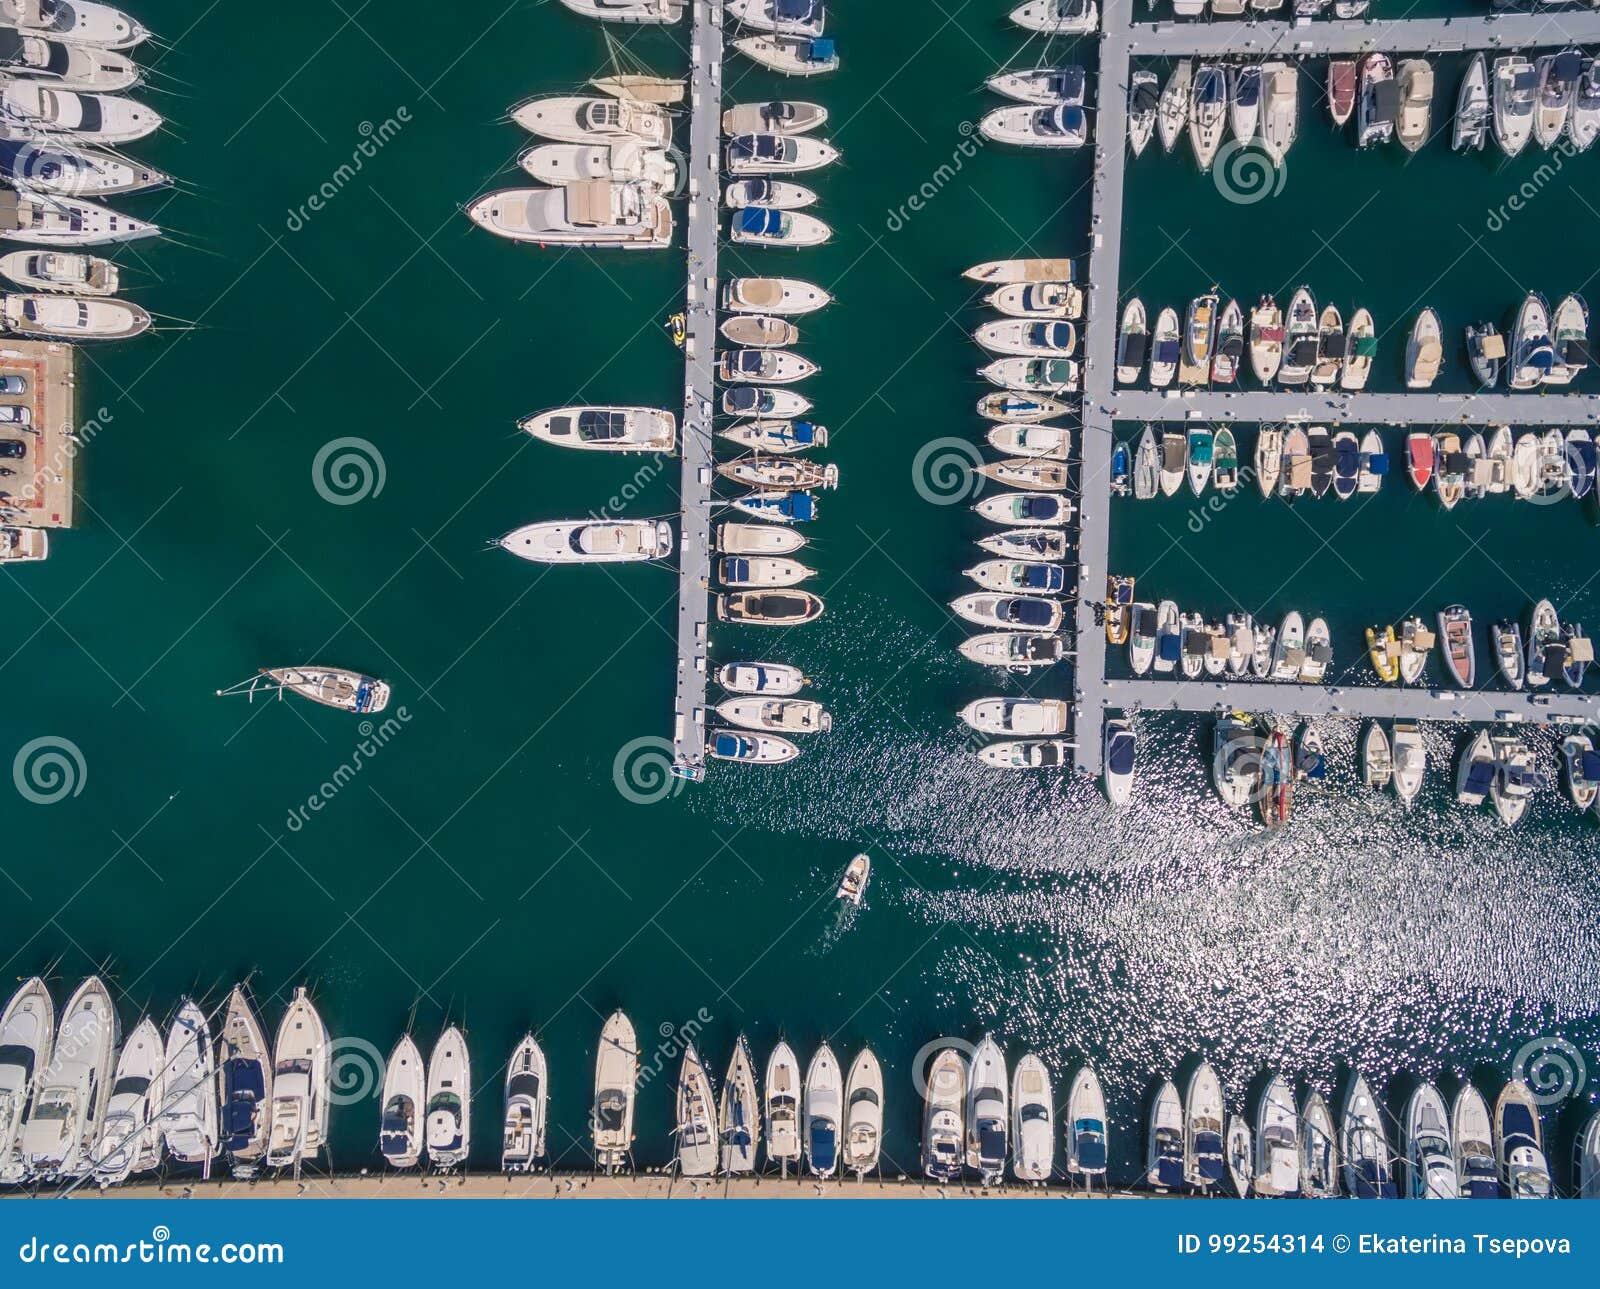 Mediterranean sea marina